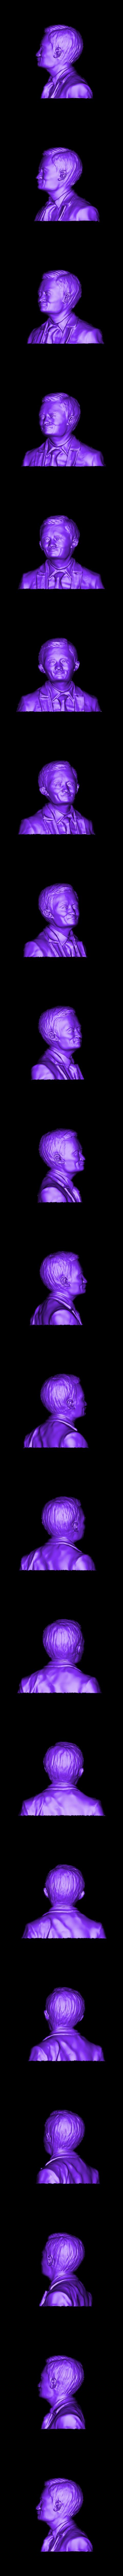 JackMa.stl Télécharger fichier STL gratuit Statue de Jack Ma • Design imprimable en 3D, stlfilesfree